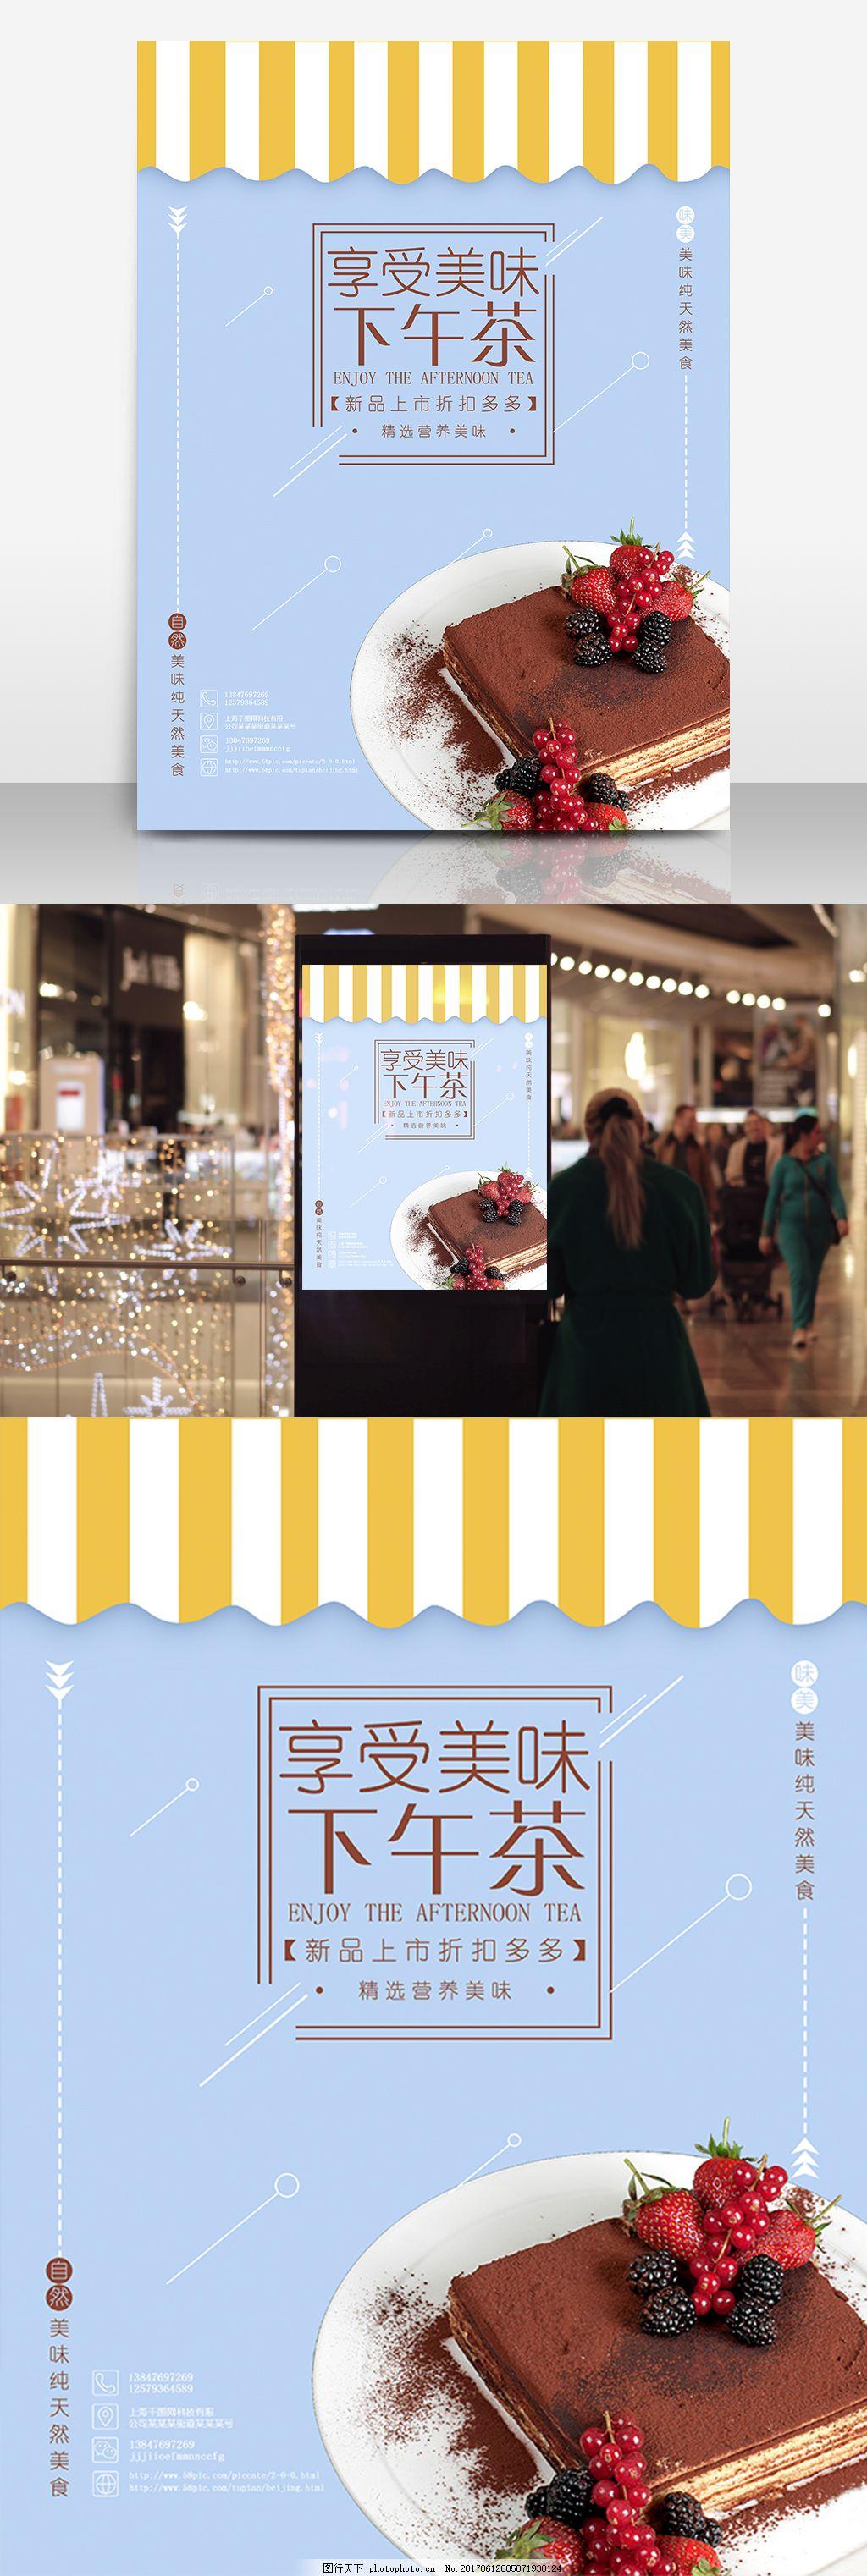 甜品店美食蛋糕提拉米苏促销海报